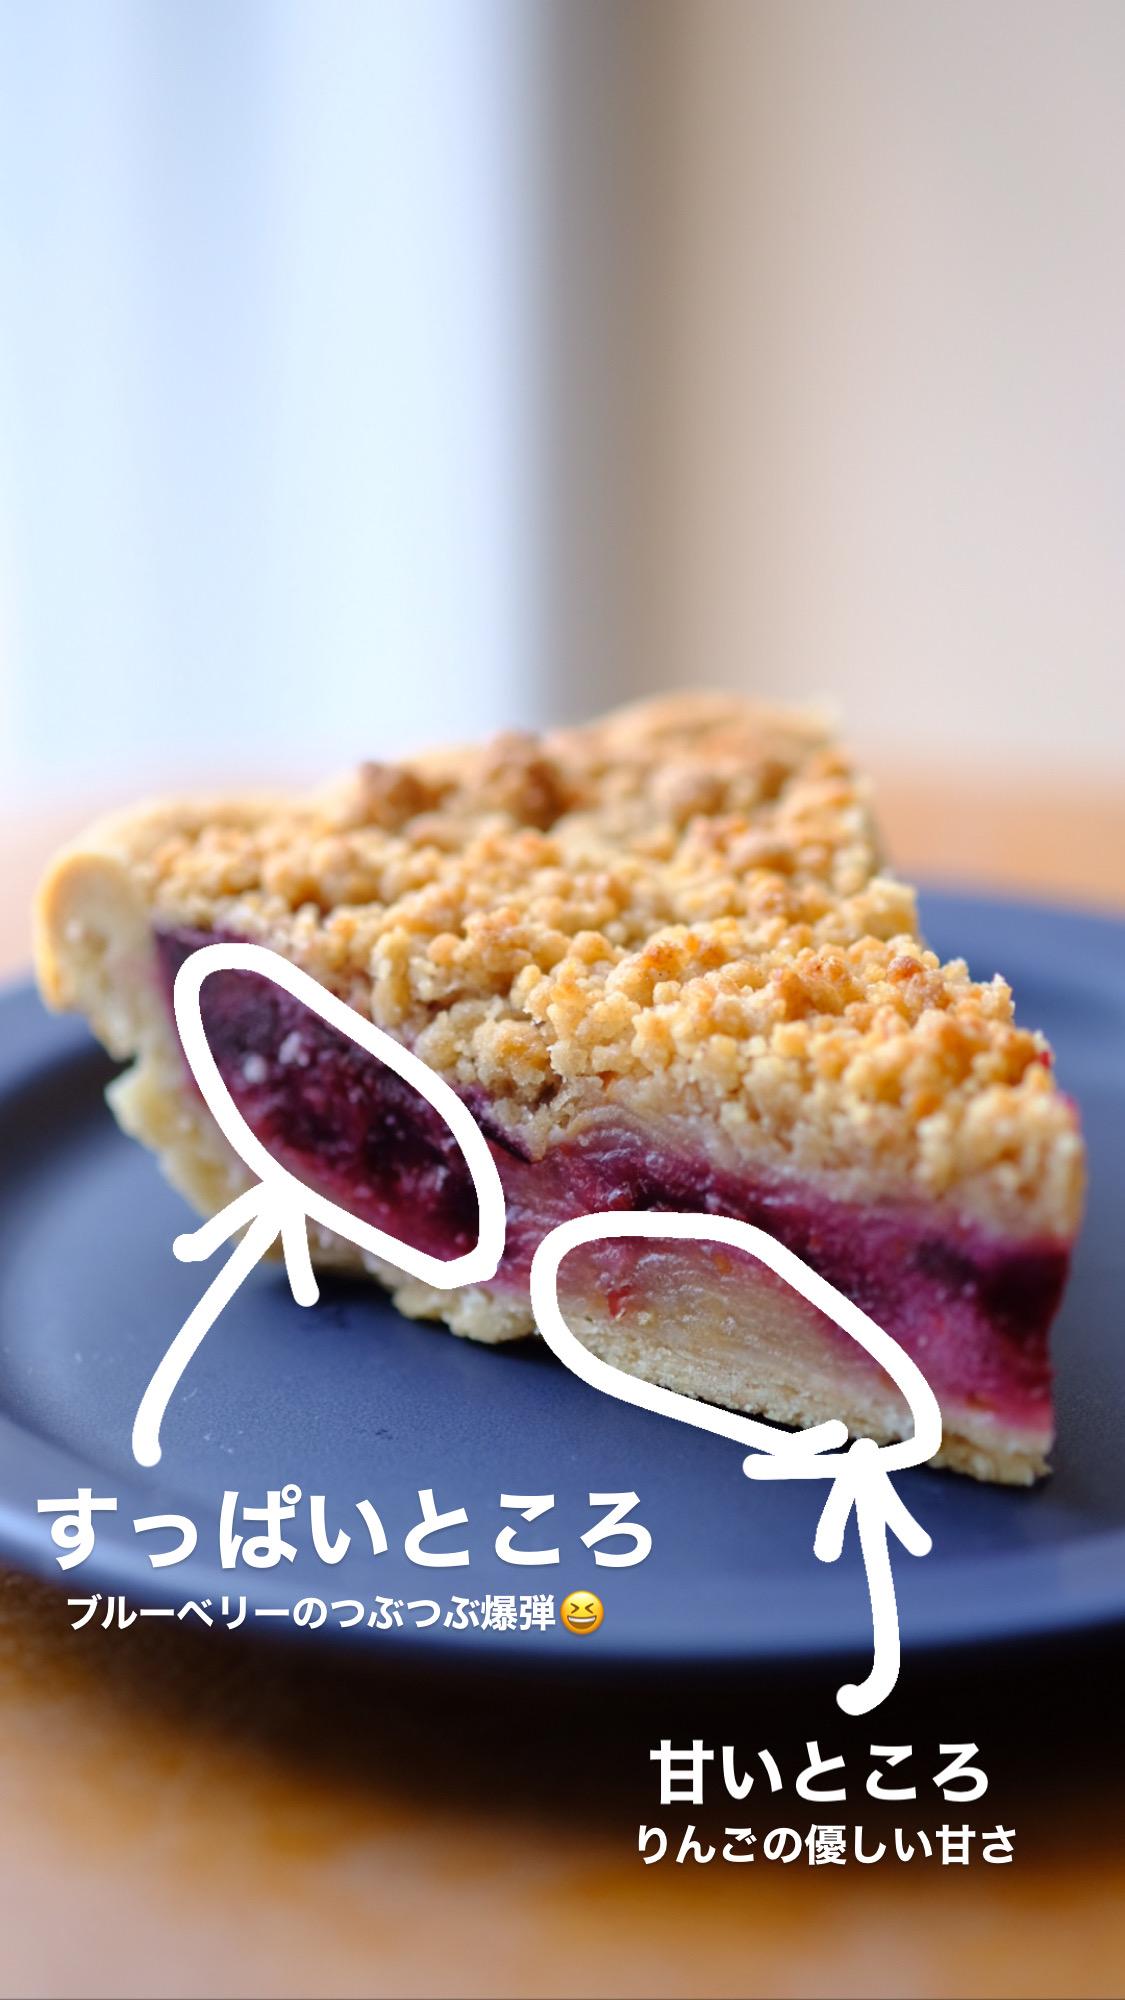 【夏季限定】盛岡経済新聞でも話題になったアップルパイが復活!